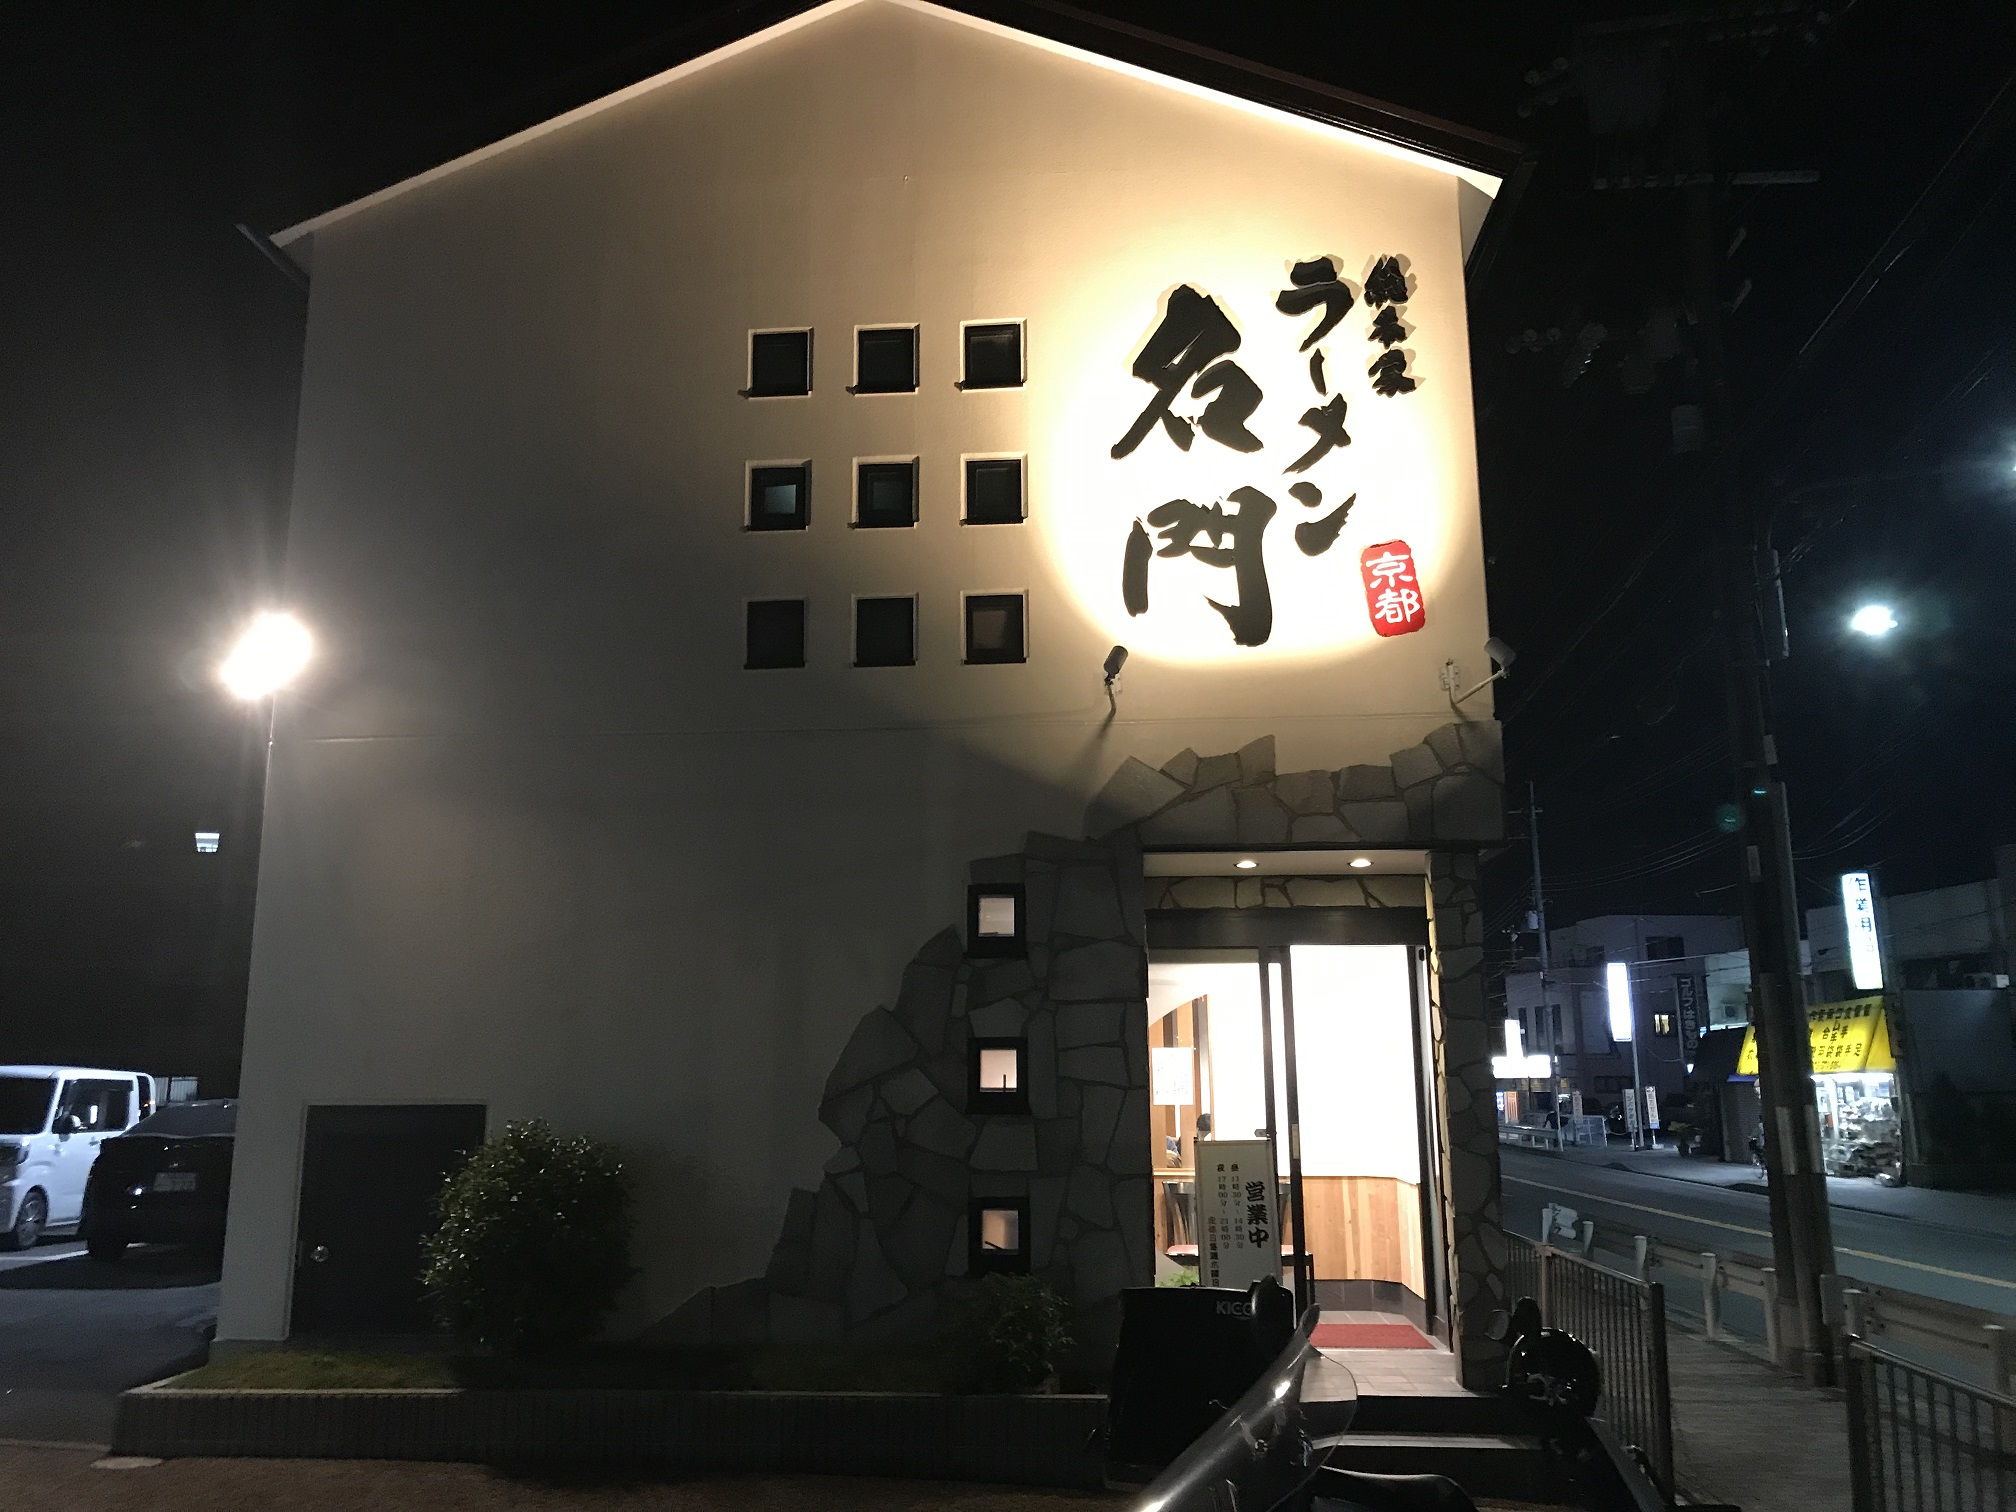 ラーメン名門(伏見区/ラーメン屋)